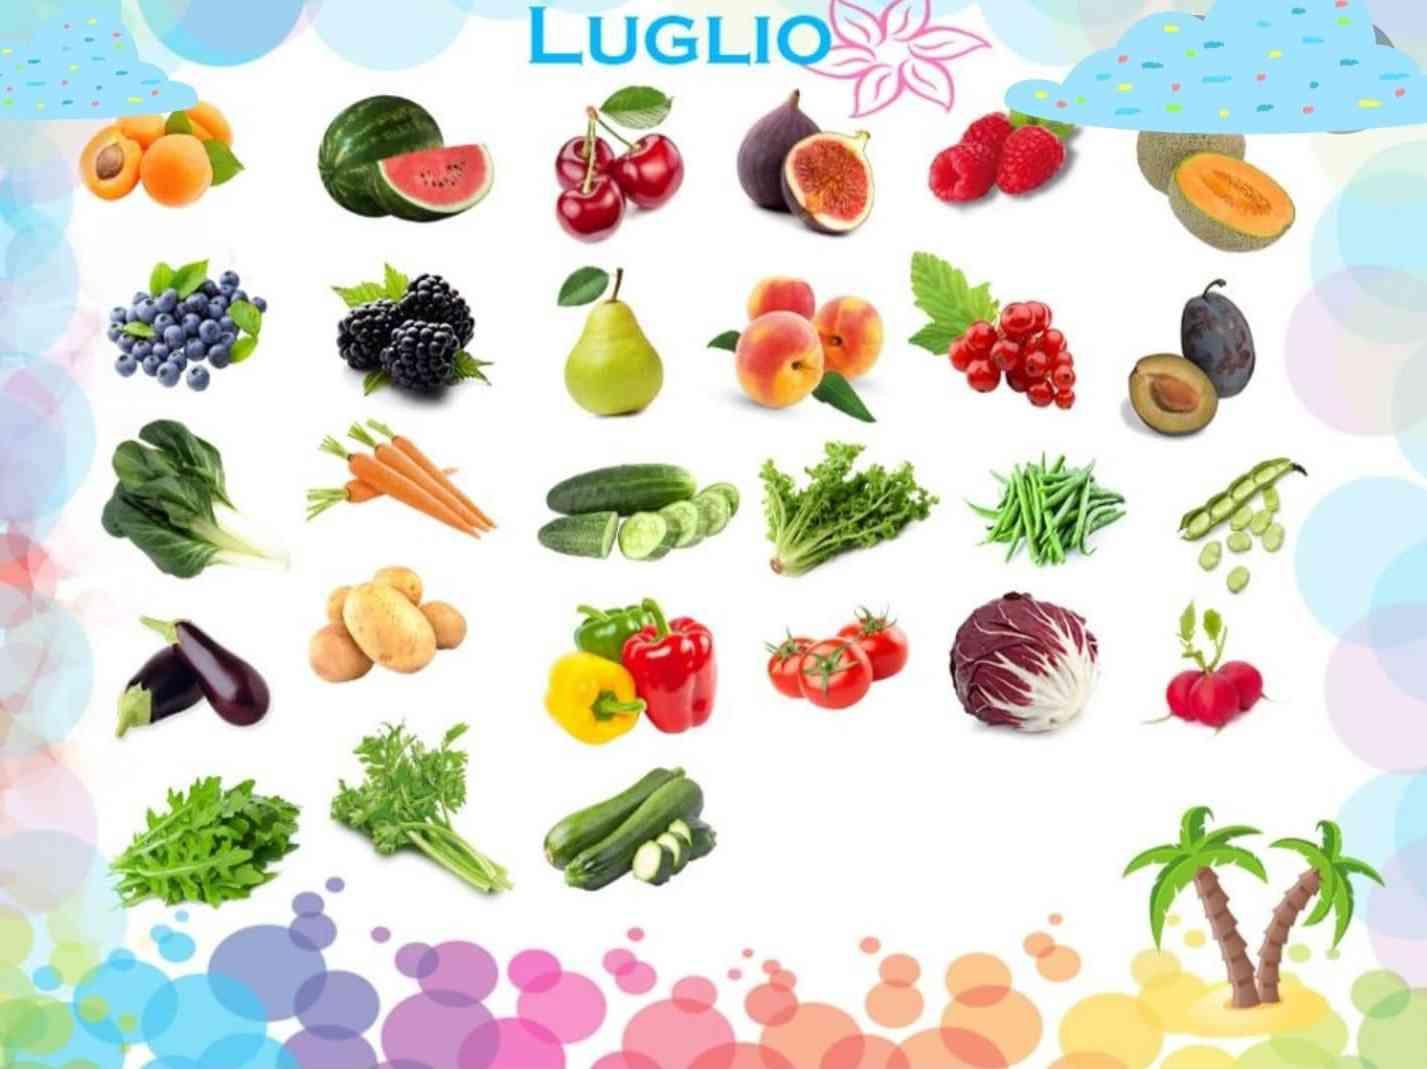 Immagine articolo: L'importanza della frutta e verdura nel periodo estivo. Tra sali minerali e vitamine